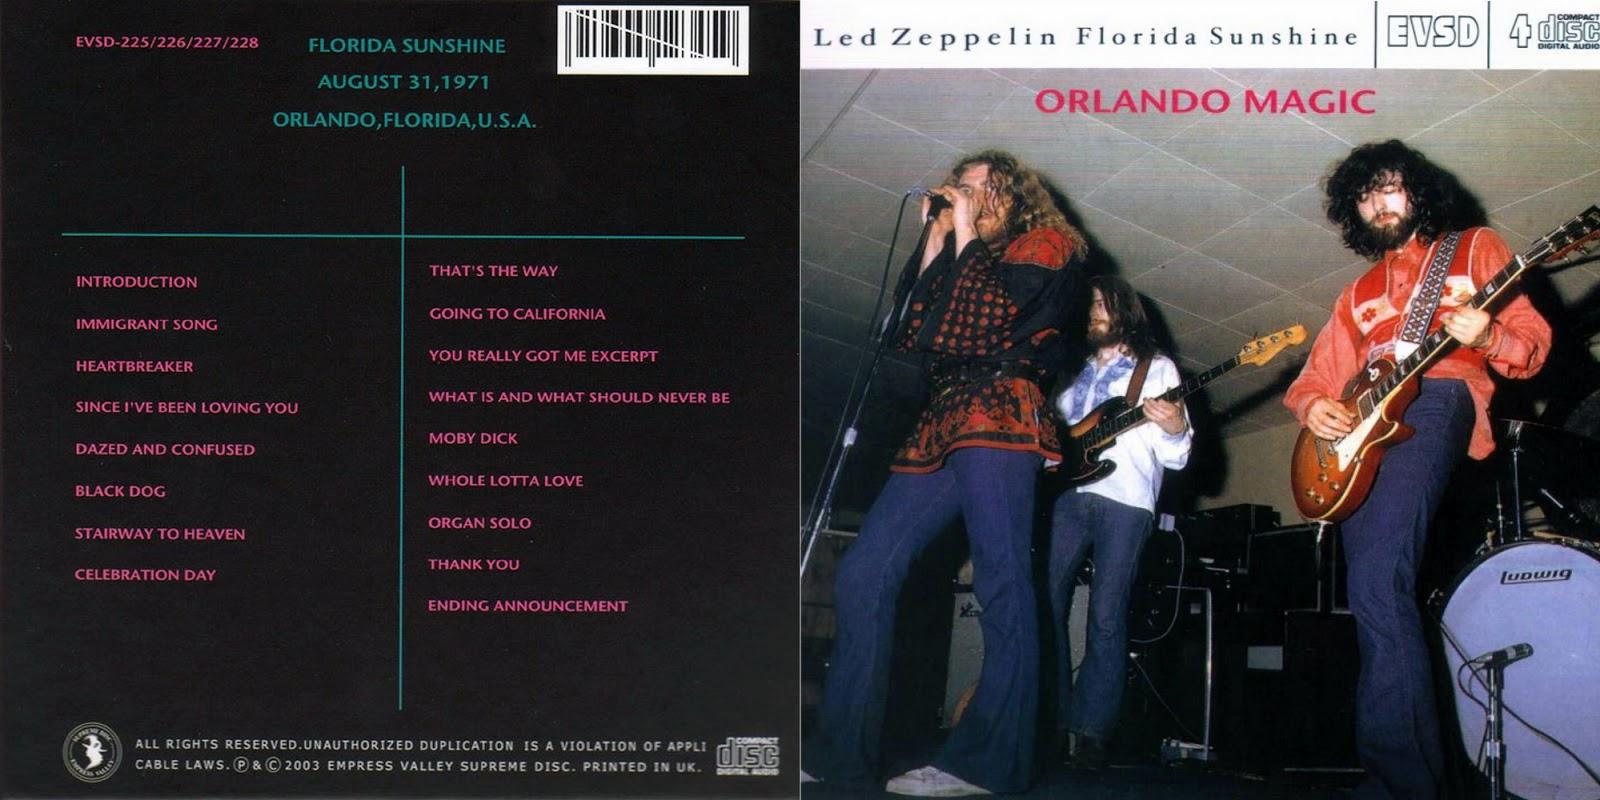 T U B E : Led Zeppelin - 1971-08-31 - Orlando, FL (SBD/FLAC)